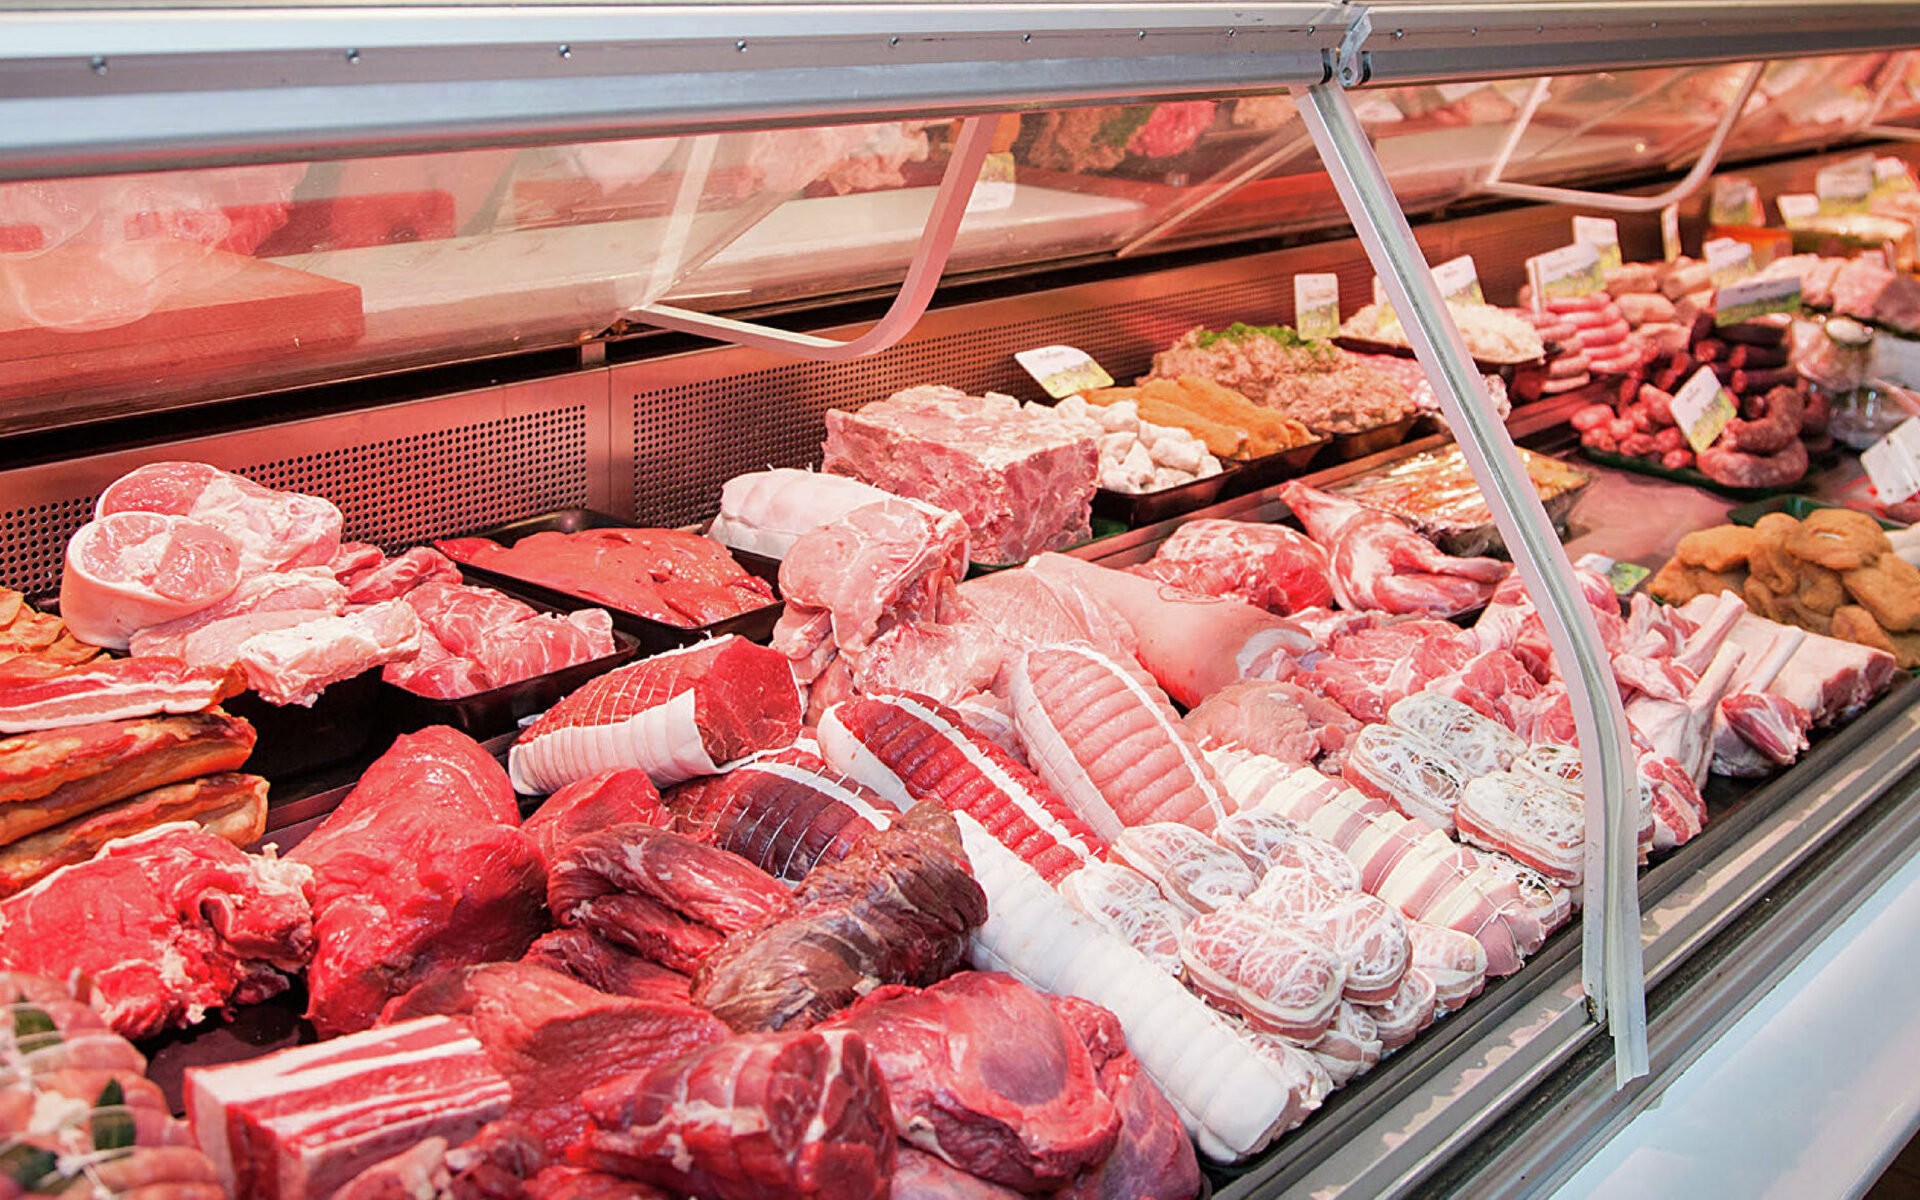 Внимание! «Горячая линия» по вопросам качества и безопасности мясной и рыбной продукции и срокам годности.